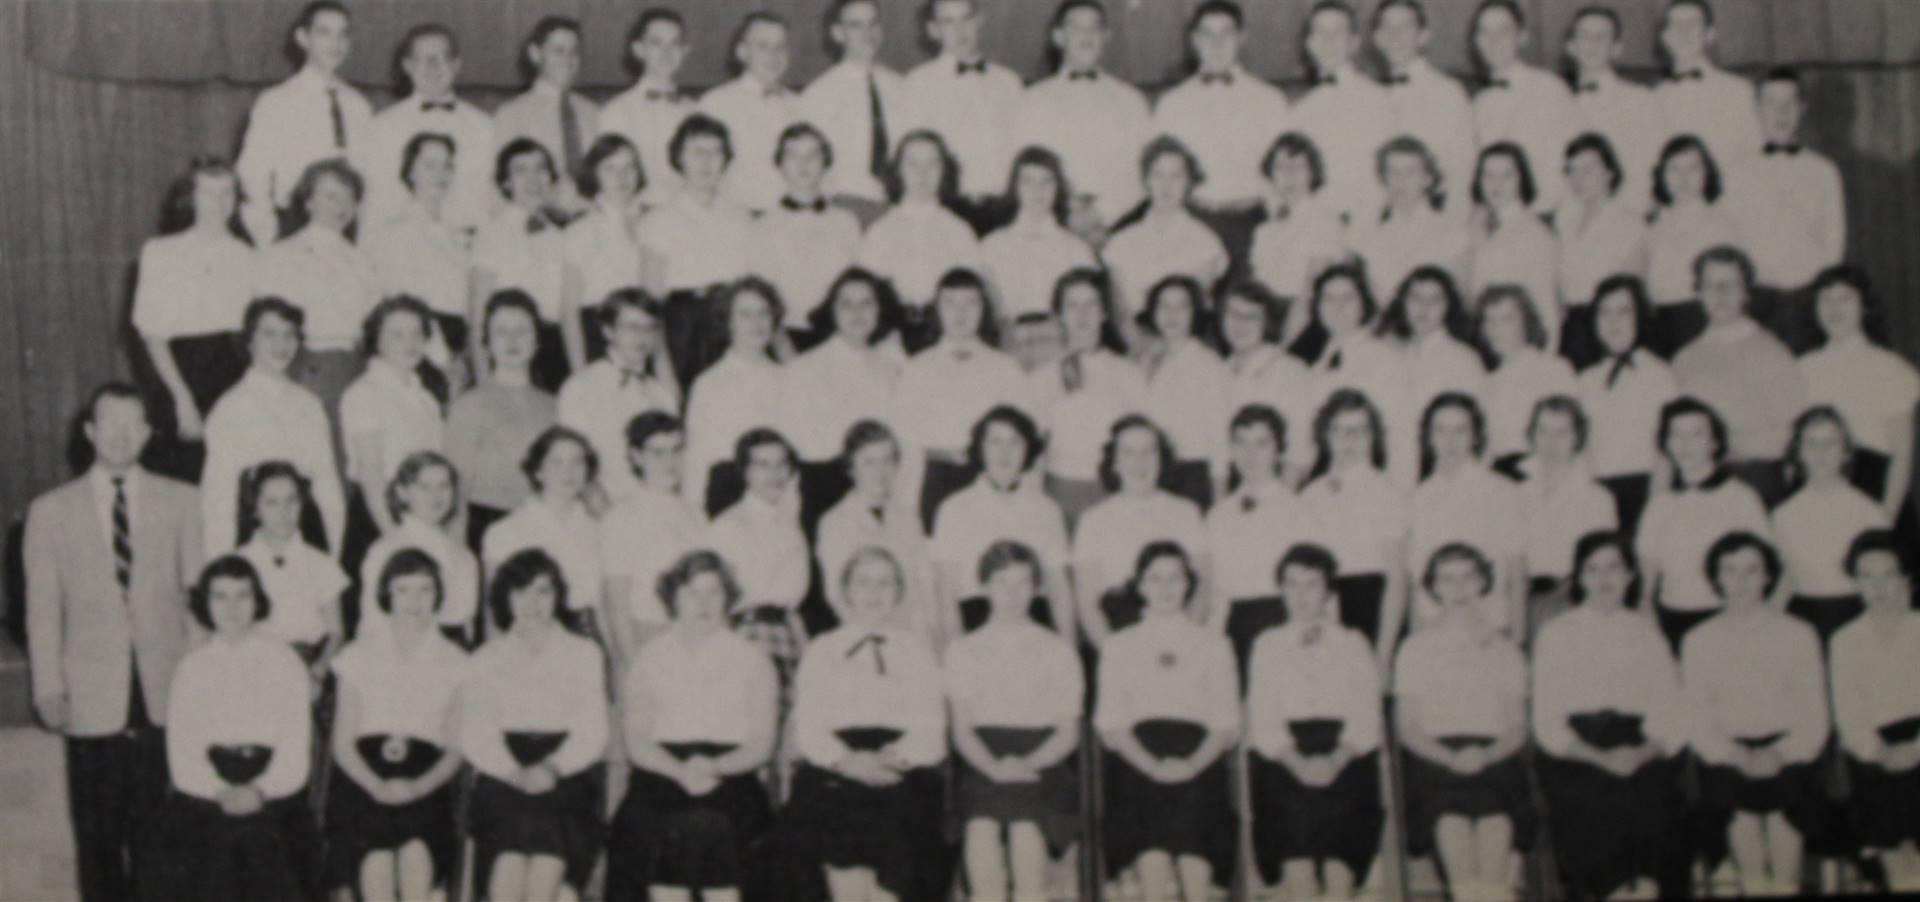 1956 Mixed Chorus